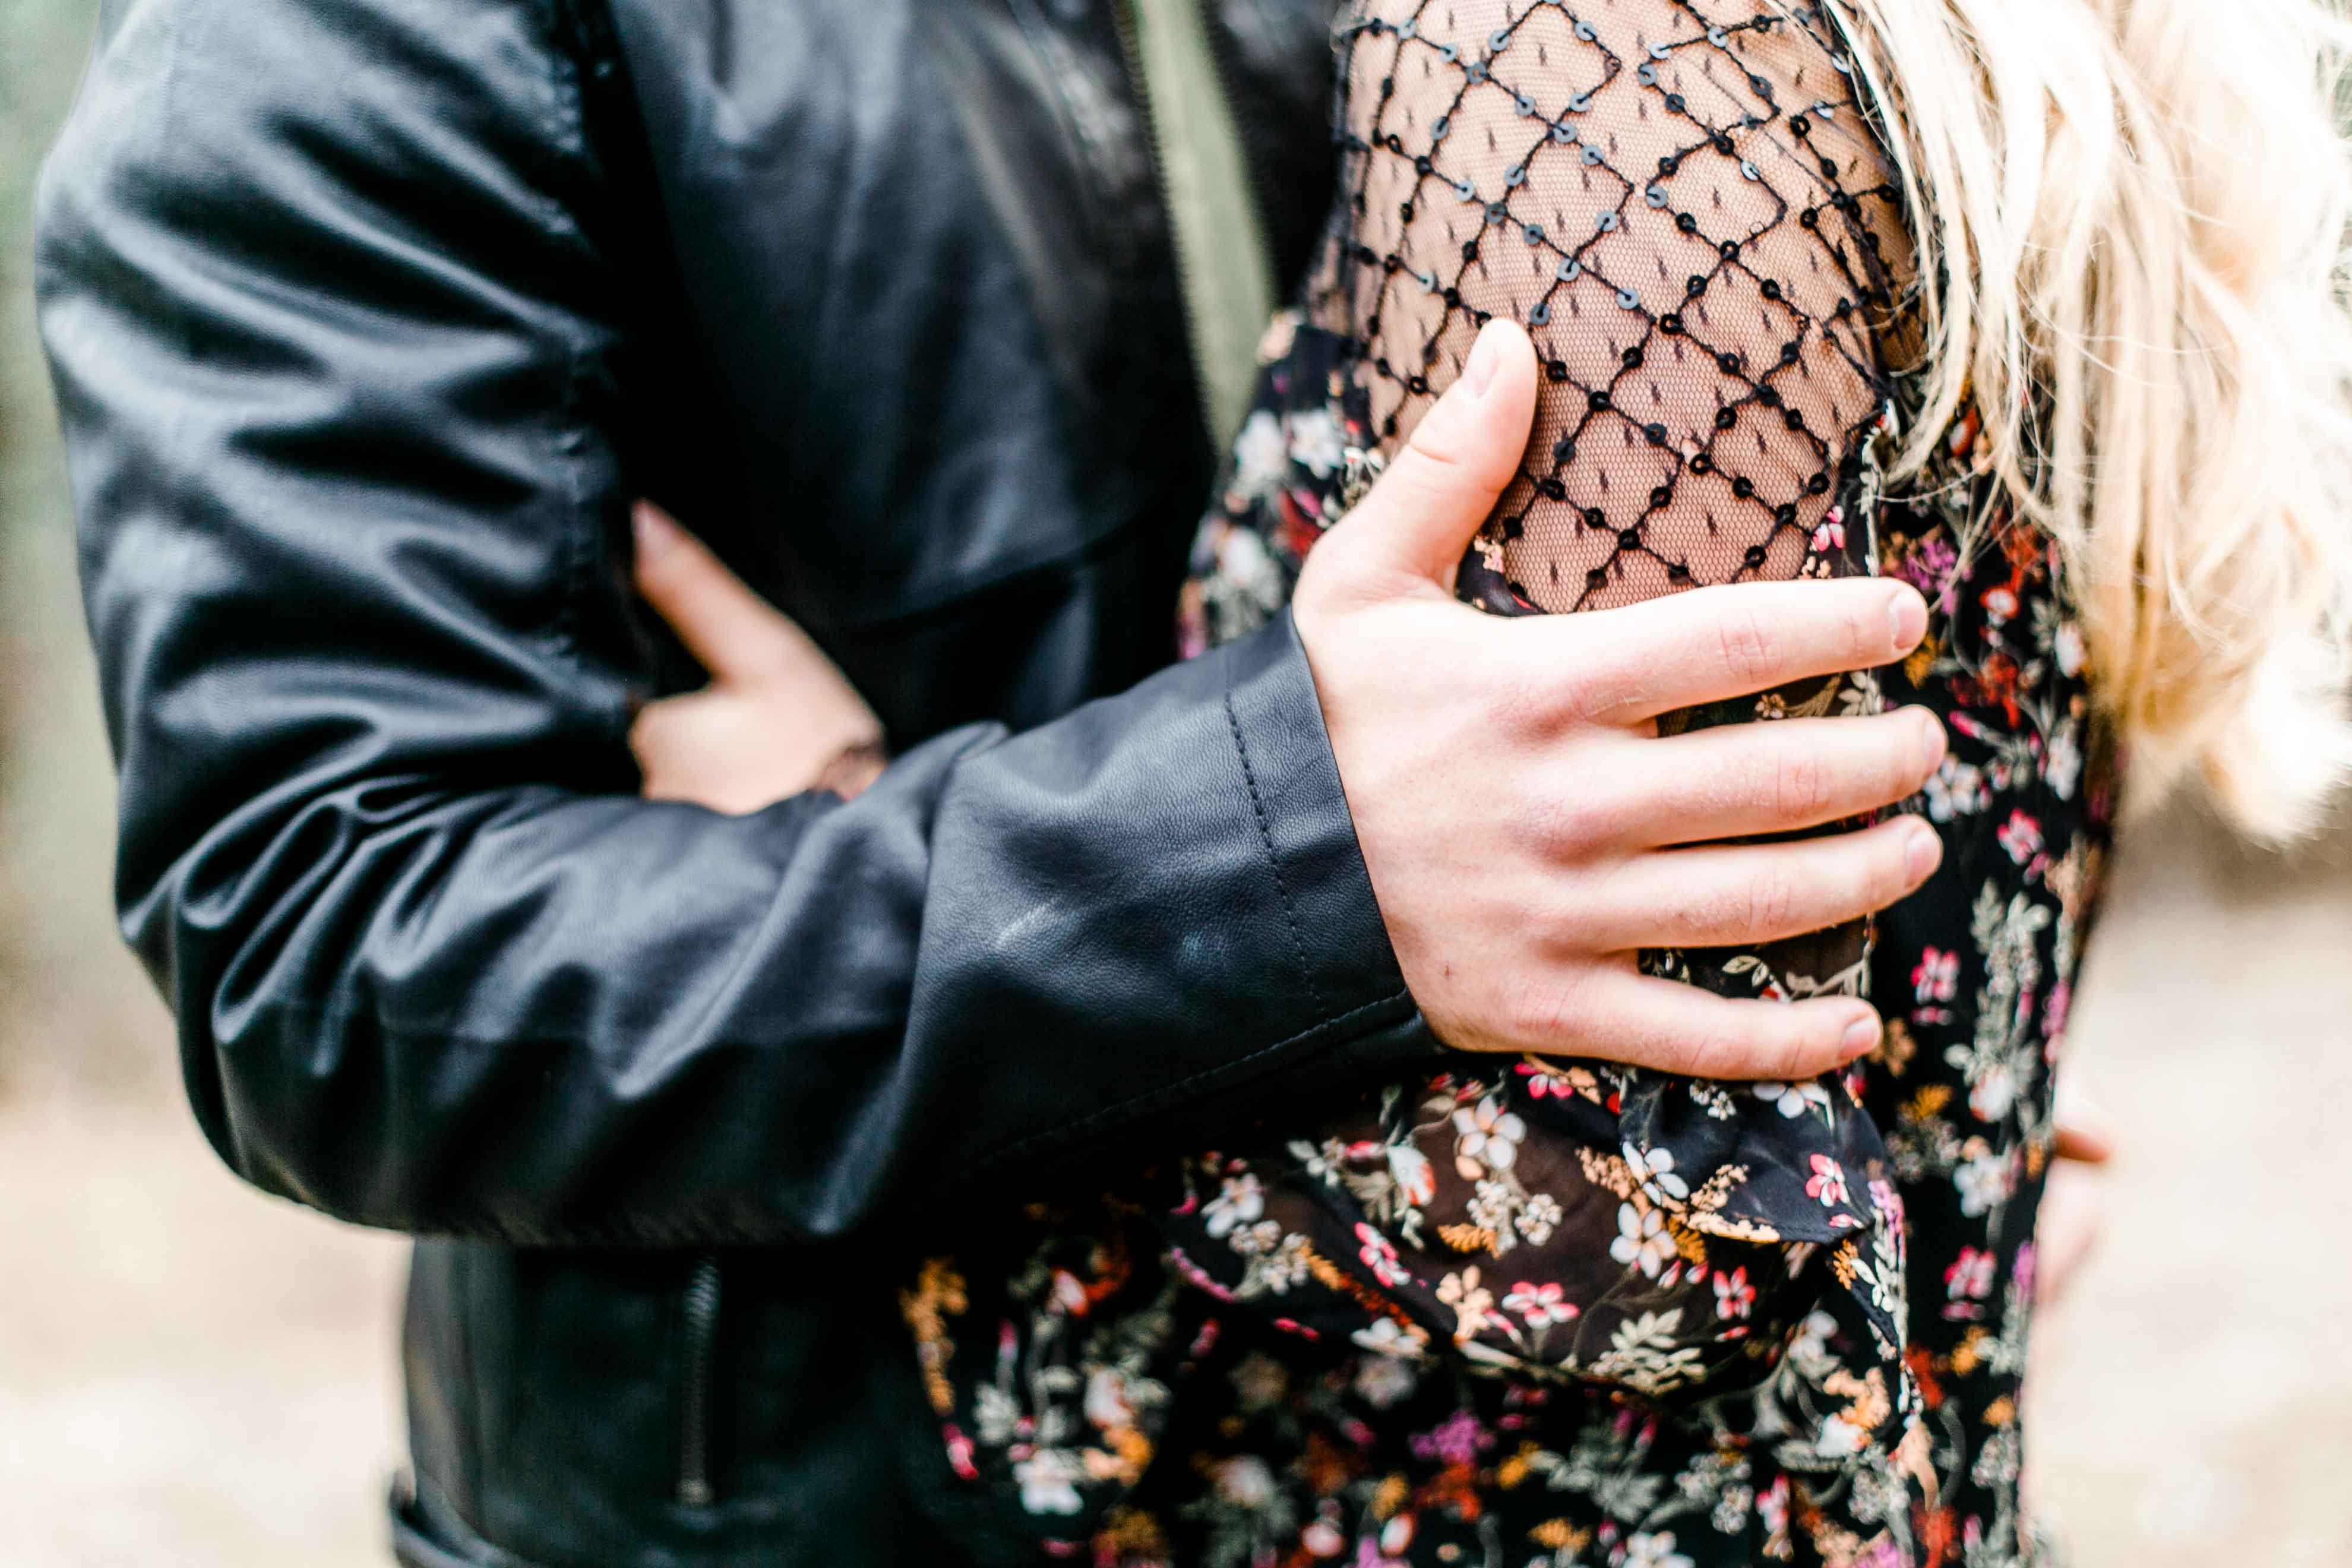 Paarfotos Wien Paarfotograf Pärchenfotos Niederösterreich romantische Bilder Hochzeitsfotograf Wien Hochzeitsfotos Fine-Art Hochzeitsfotograf Paar Fotoshooting Wien verliebte Fotos Natur Paashooting Posen